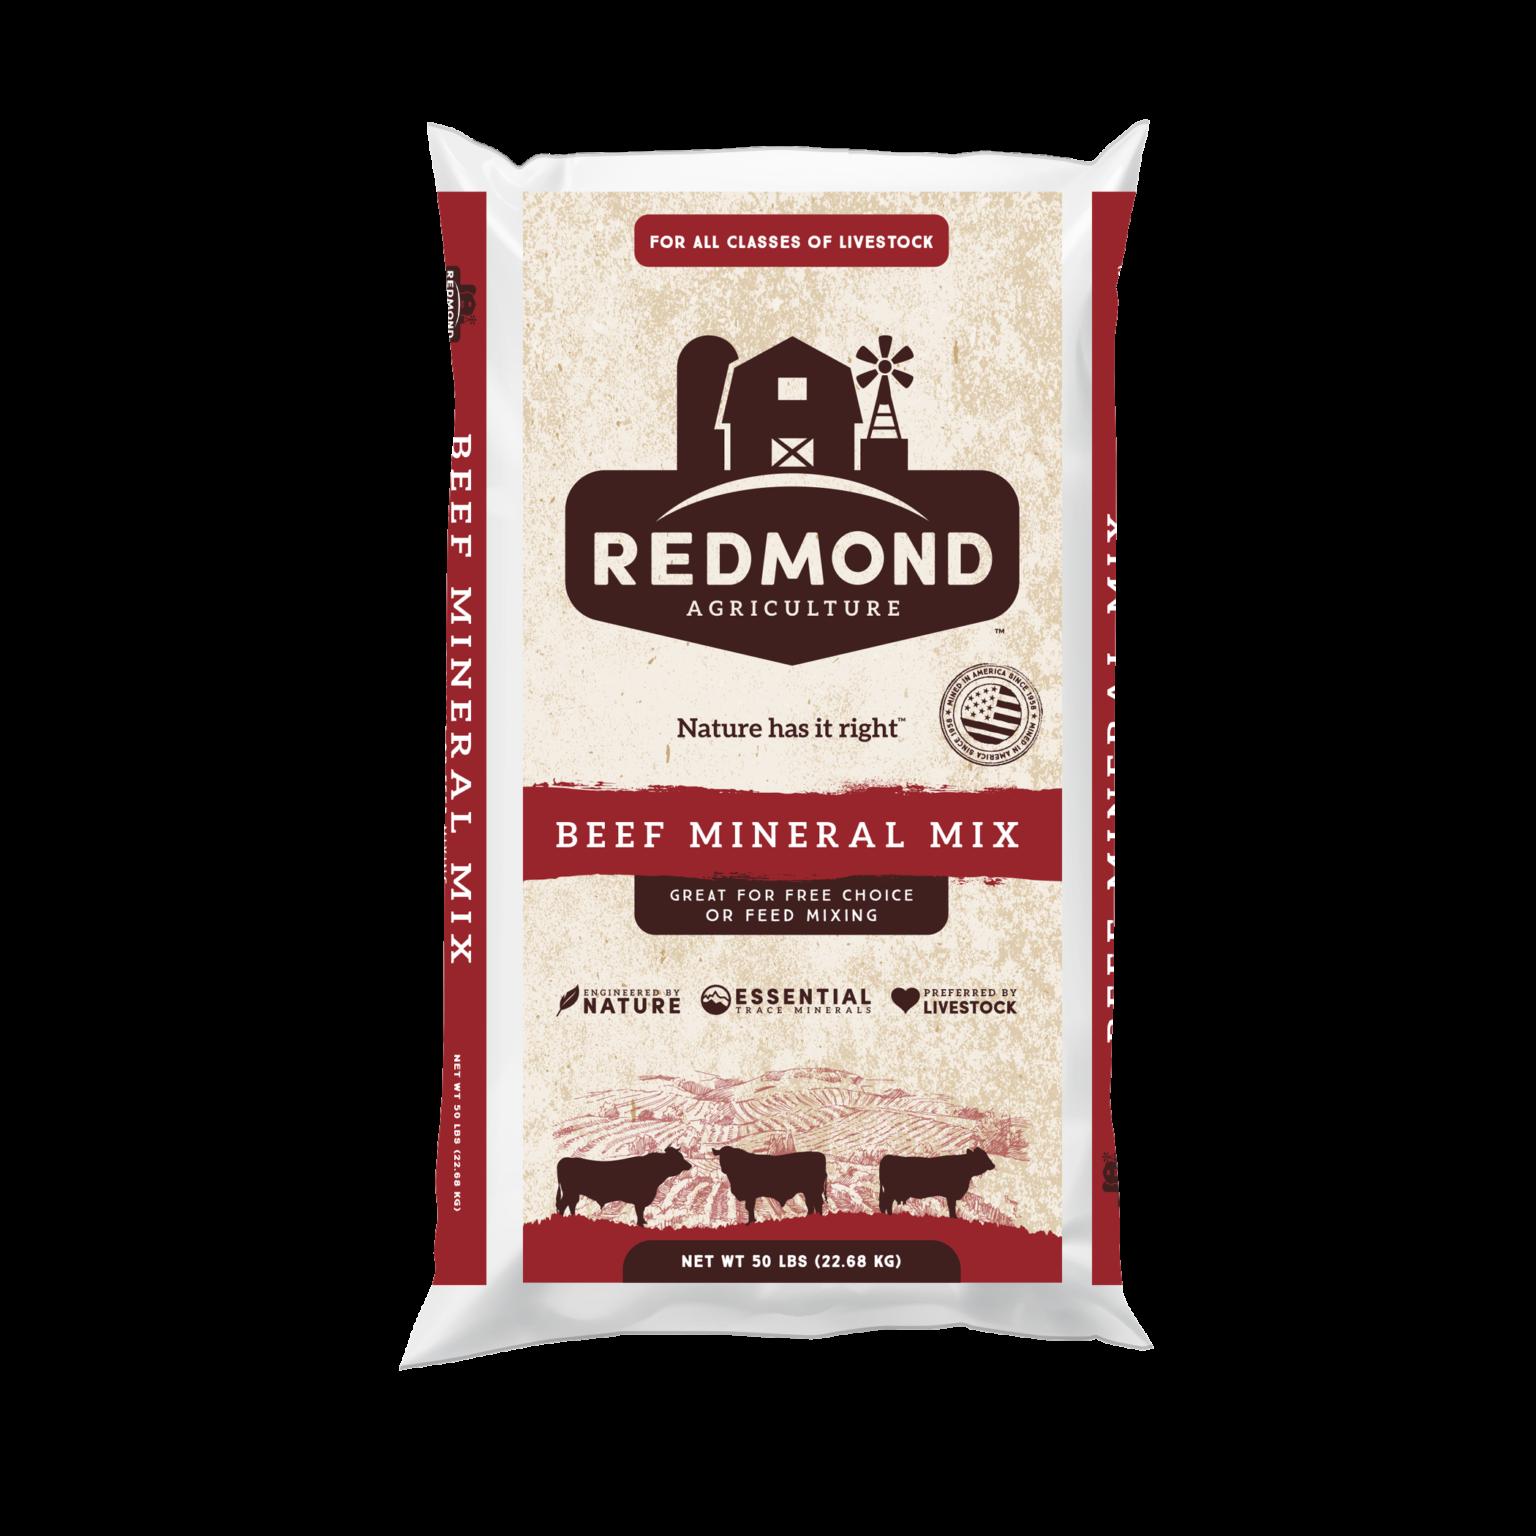 beef-mineral-mix-1536x1536